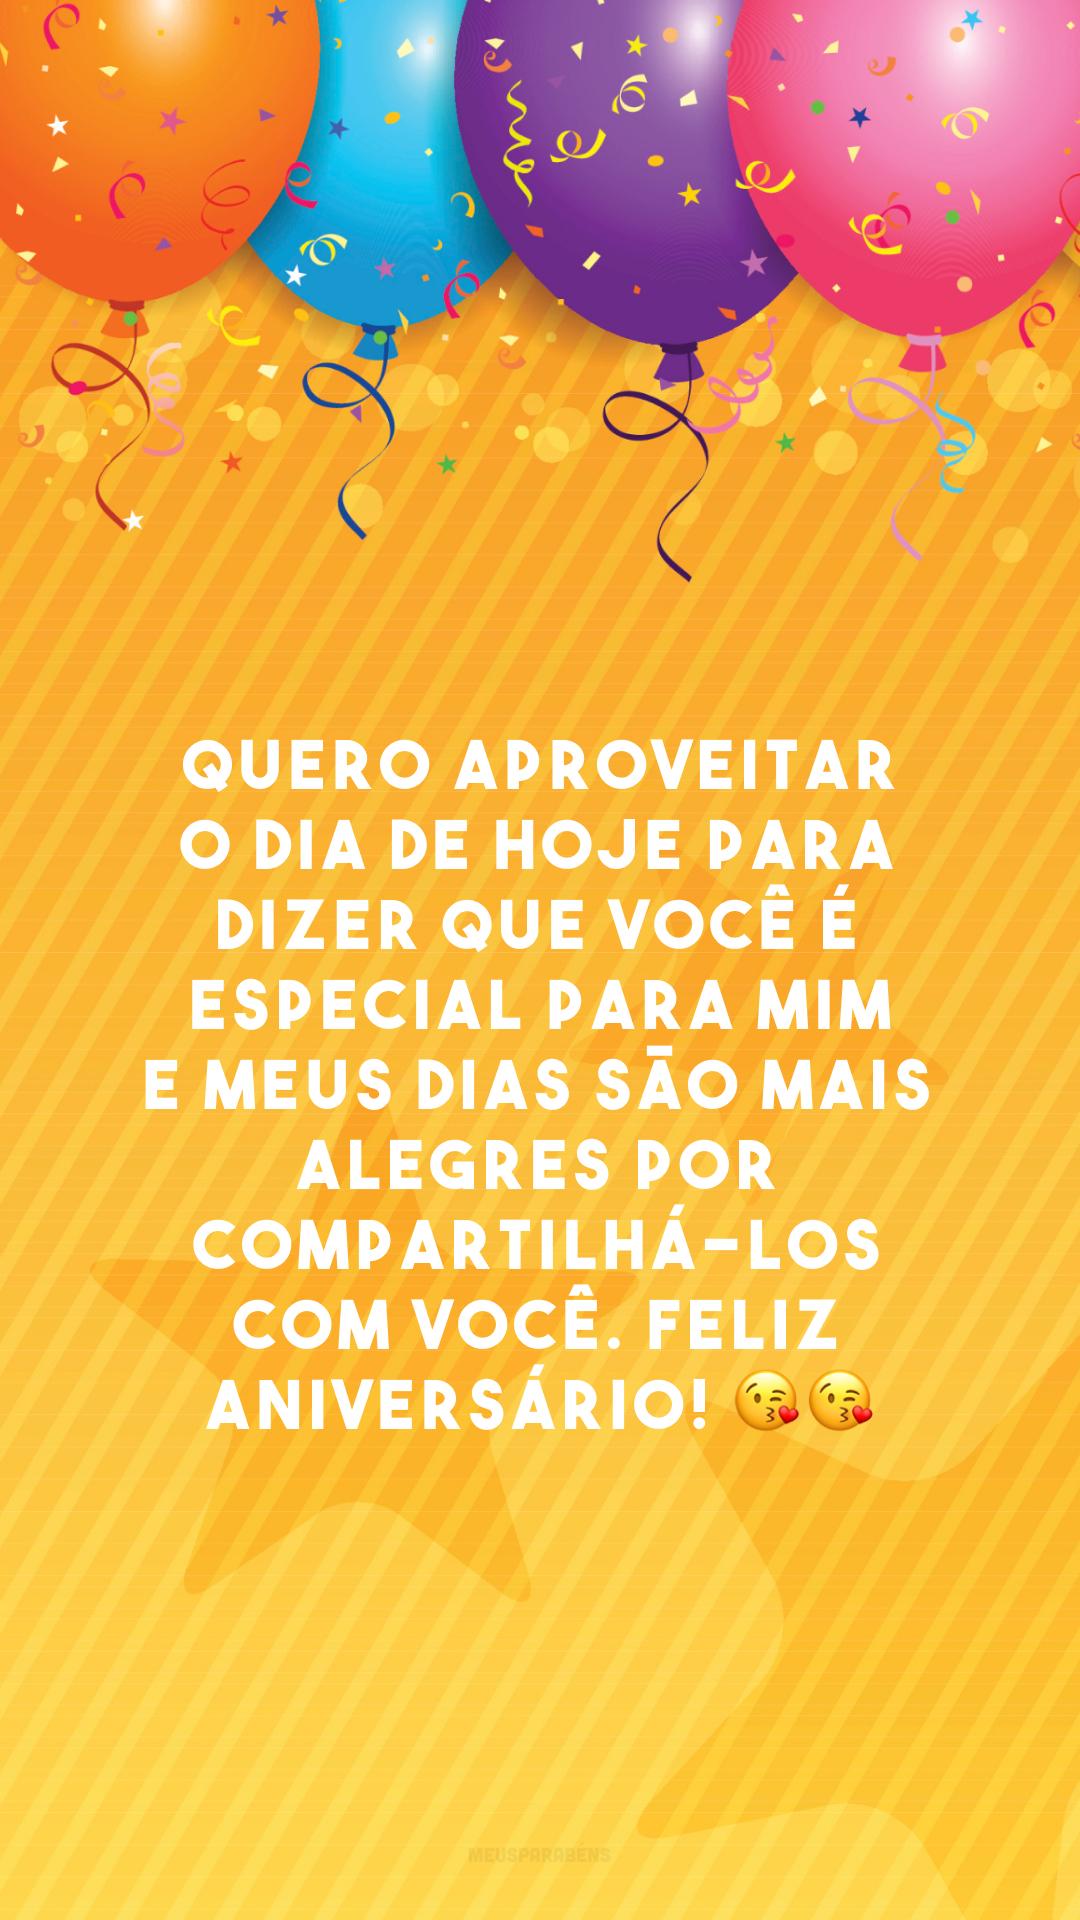 Quero aproveitar o dia de hoje para dizer que você é especial para mim e meus dias são mais alegres por compartilhá-los com você. Feliz aniversário! 😘😘